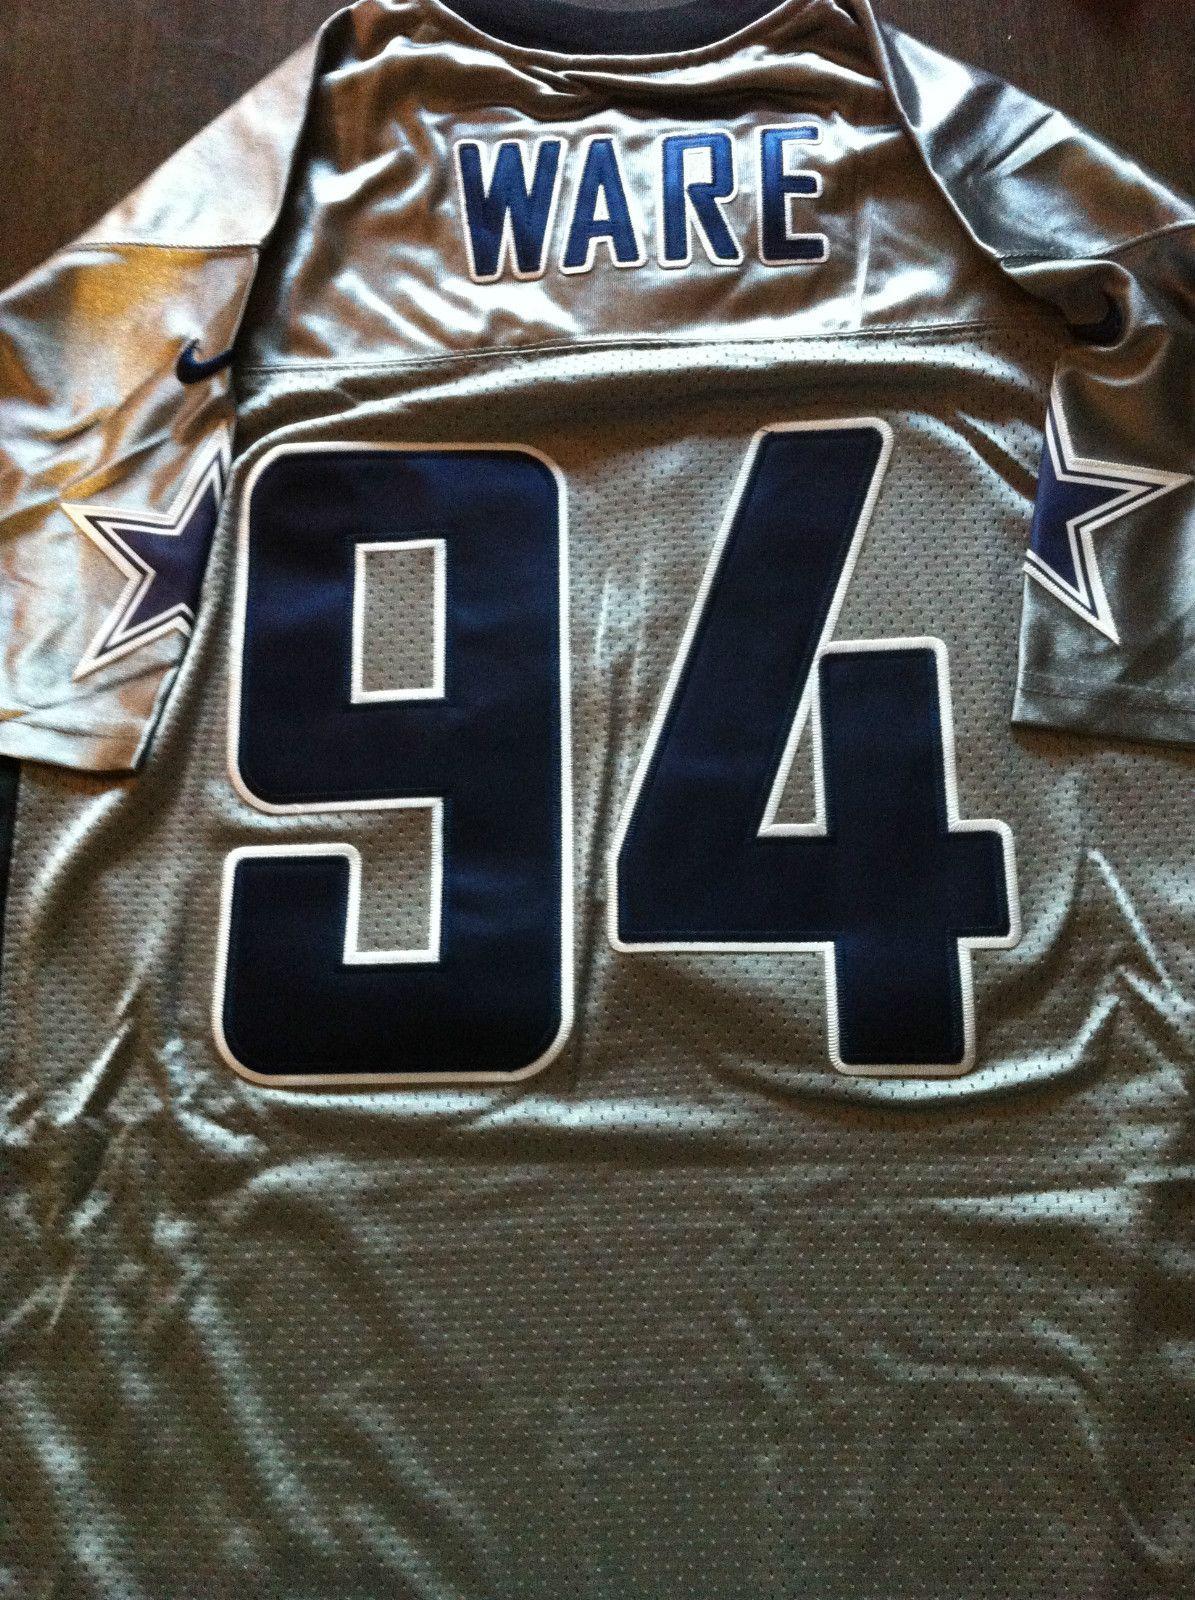 low priced 44d58 825c4 DeMarcus Ware grey Dallas Cowboys jersey | Dallas Cowboys ...